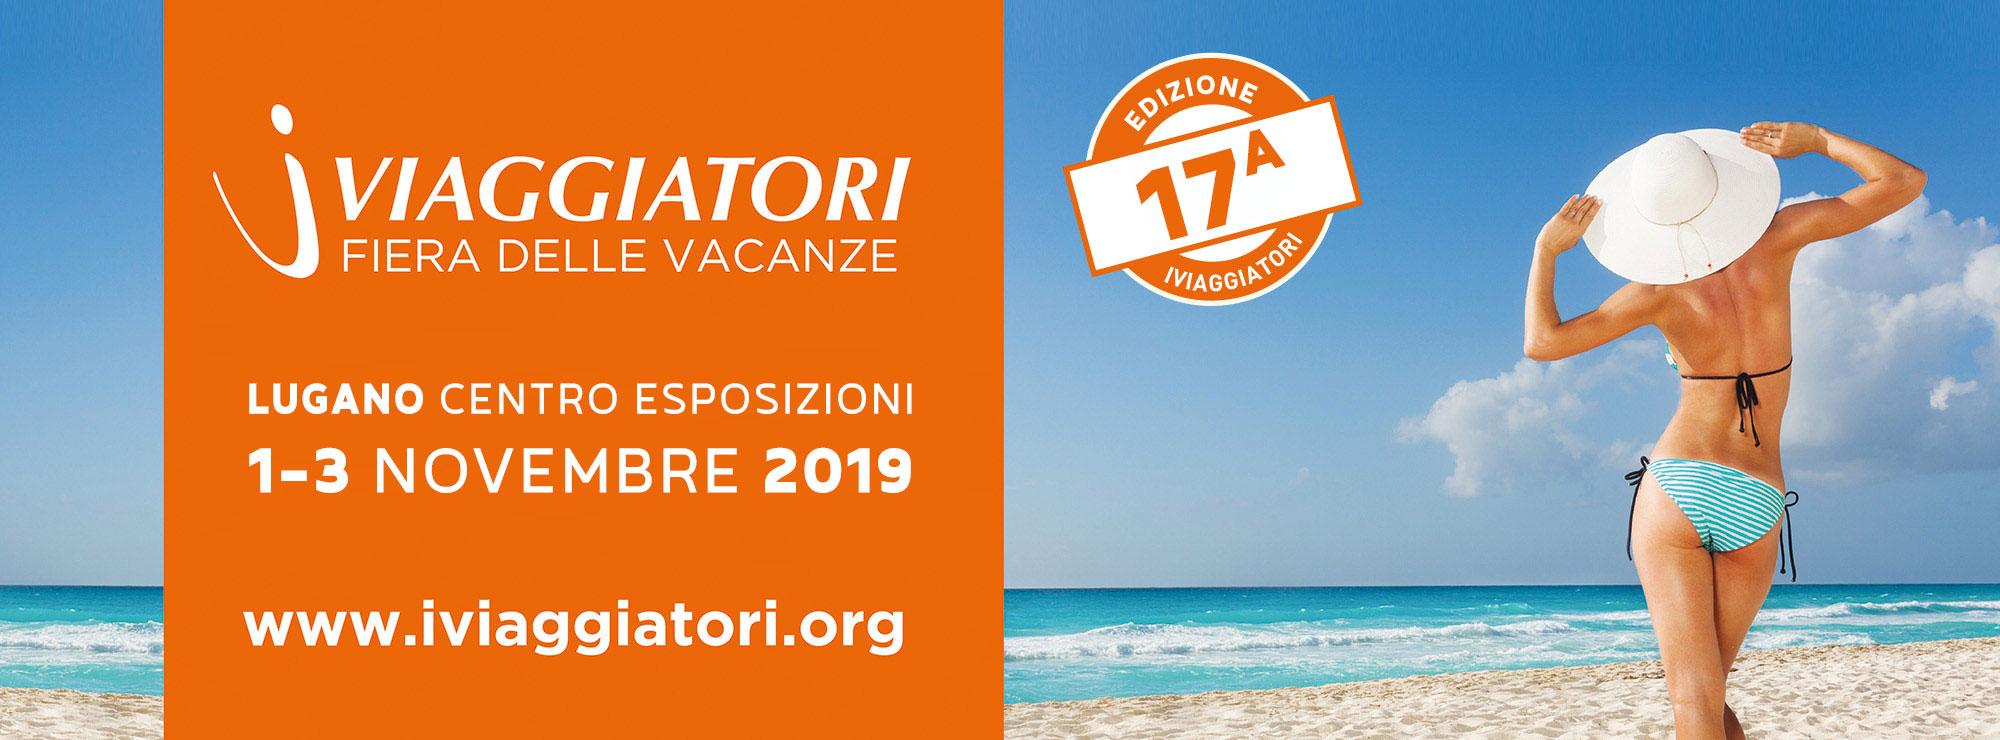 17-edizione-del-Salone-Internazionale-Svizzero-delle-Vacanze